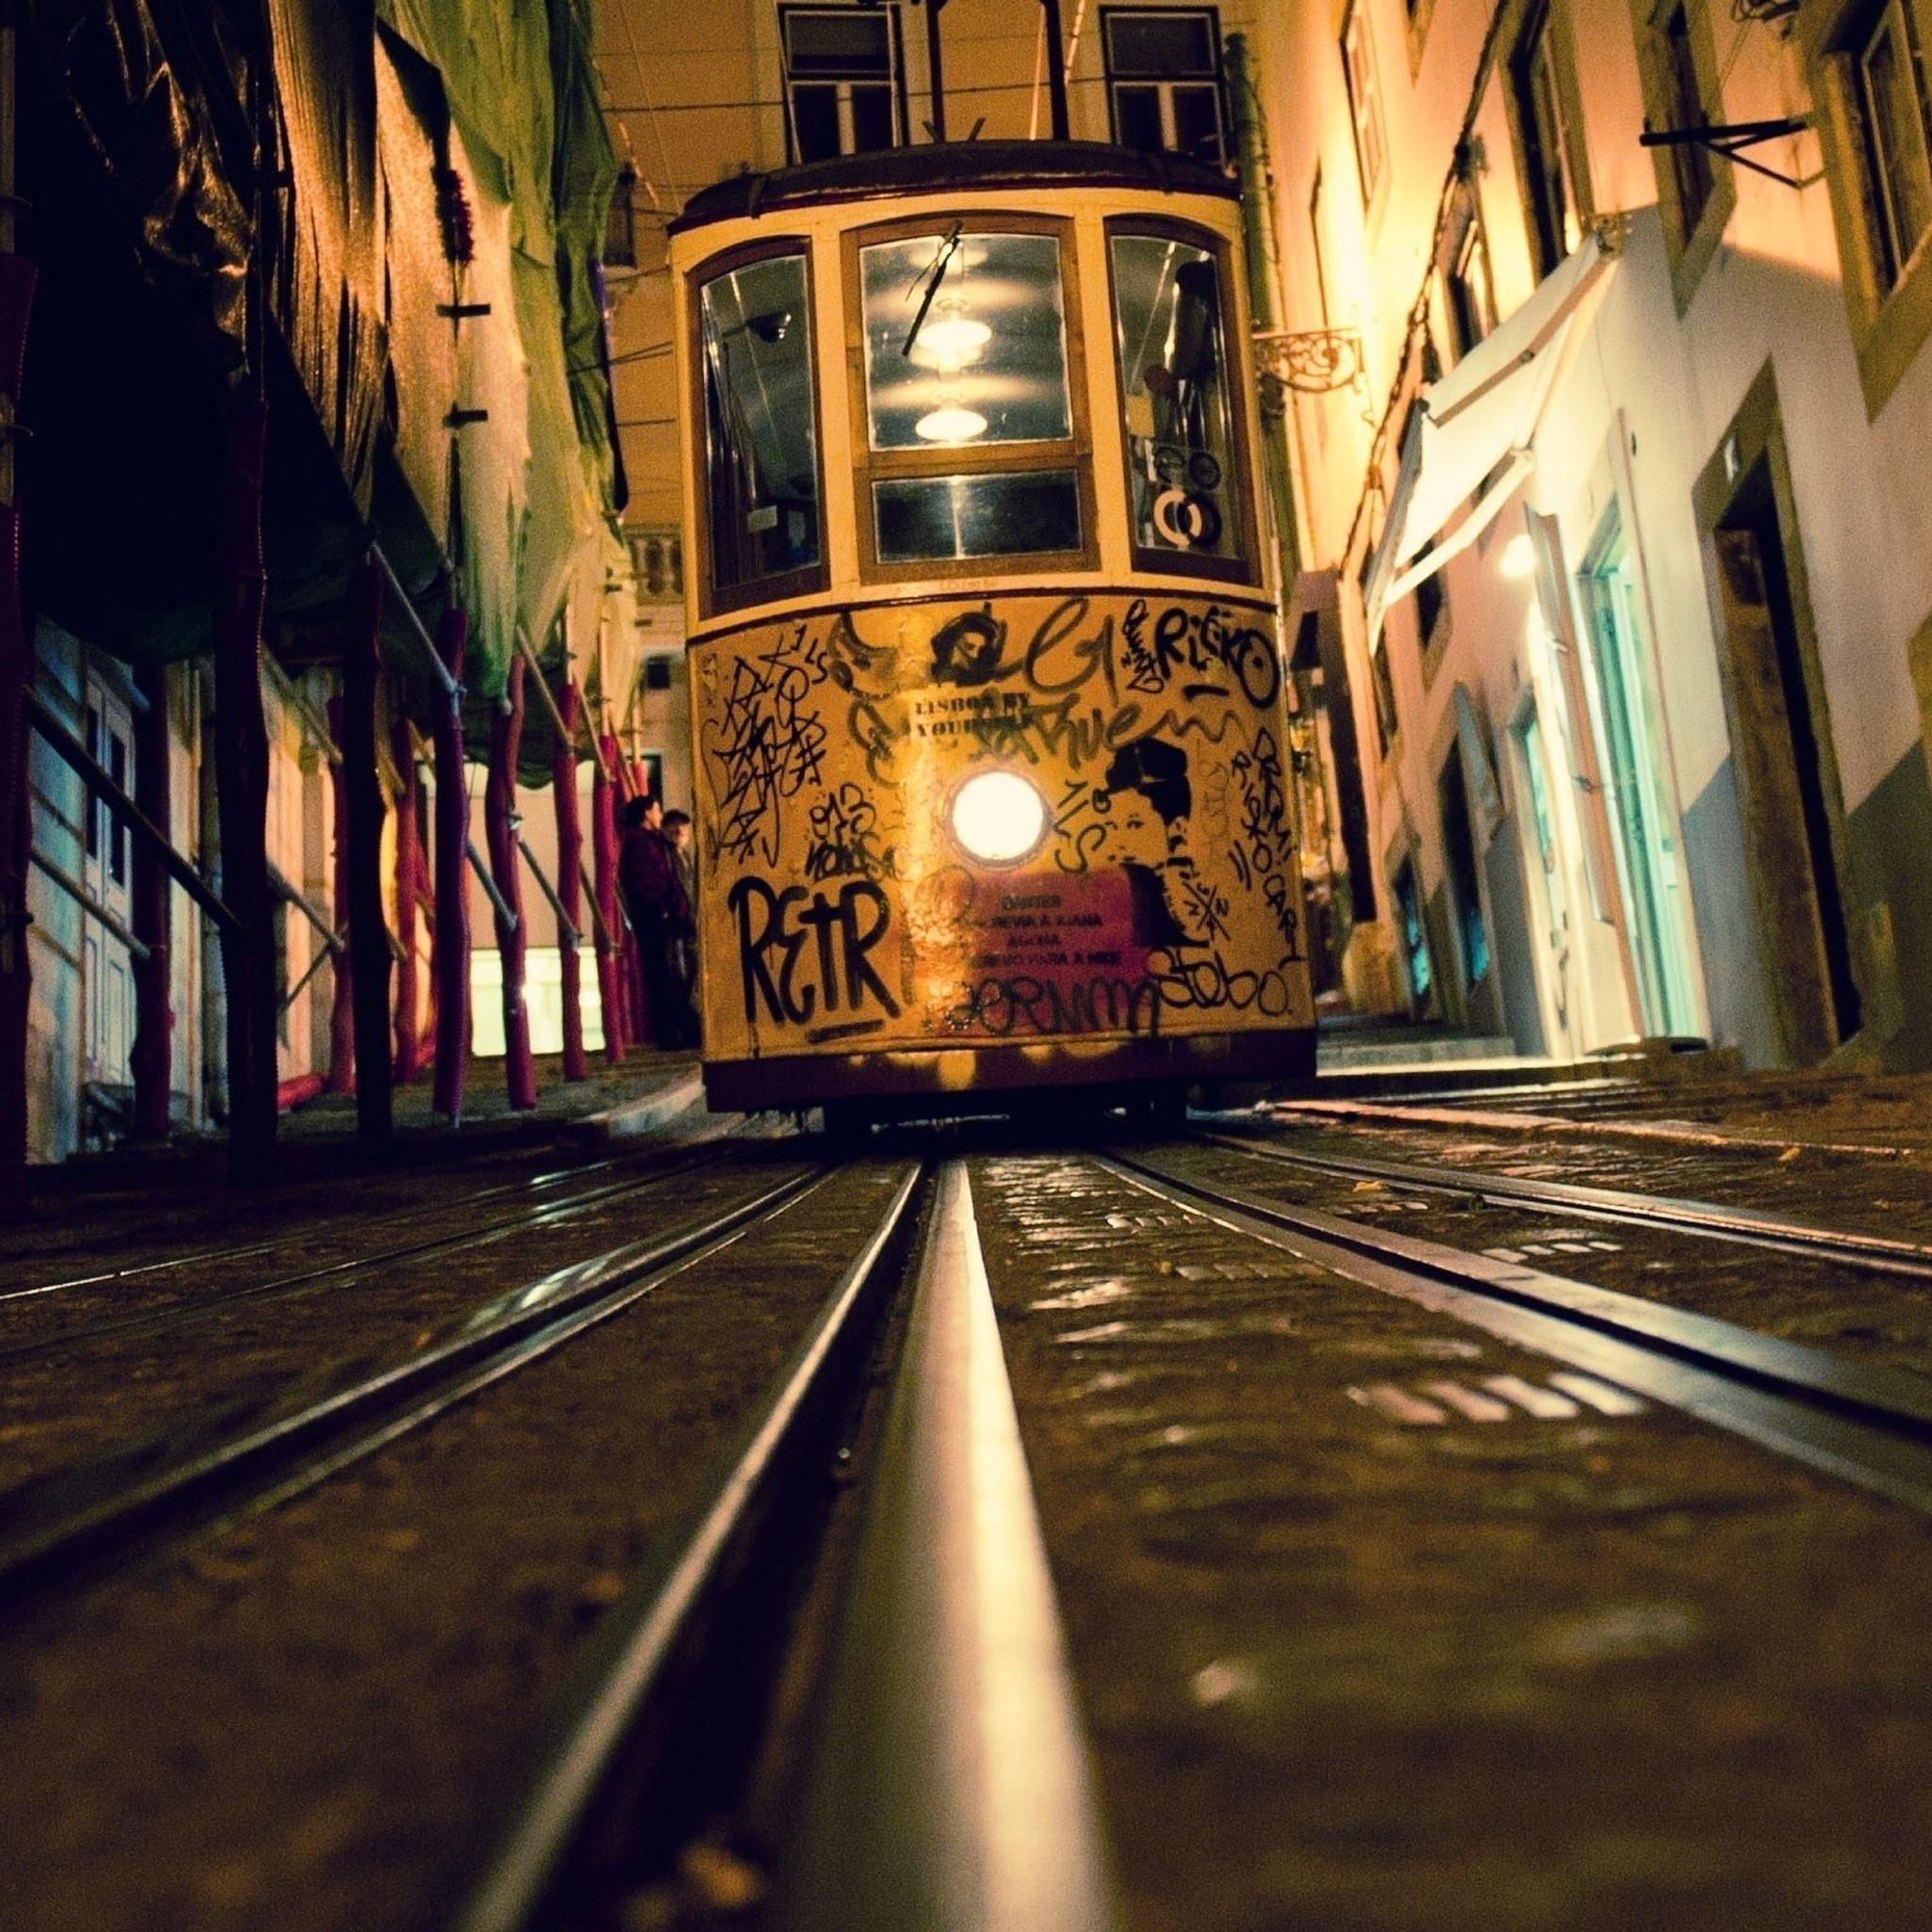 Tram Rails Night City Street 3Wallpapers iPad Tram Rails Night City Street   iPad